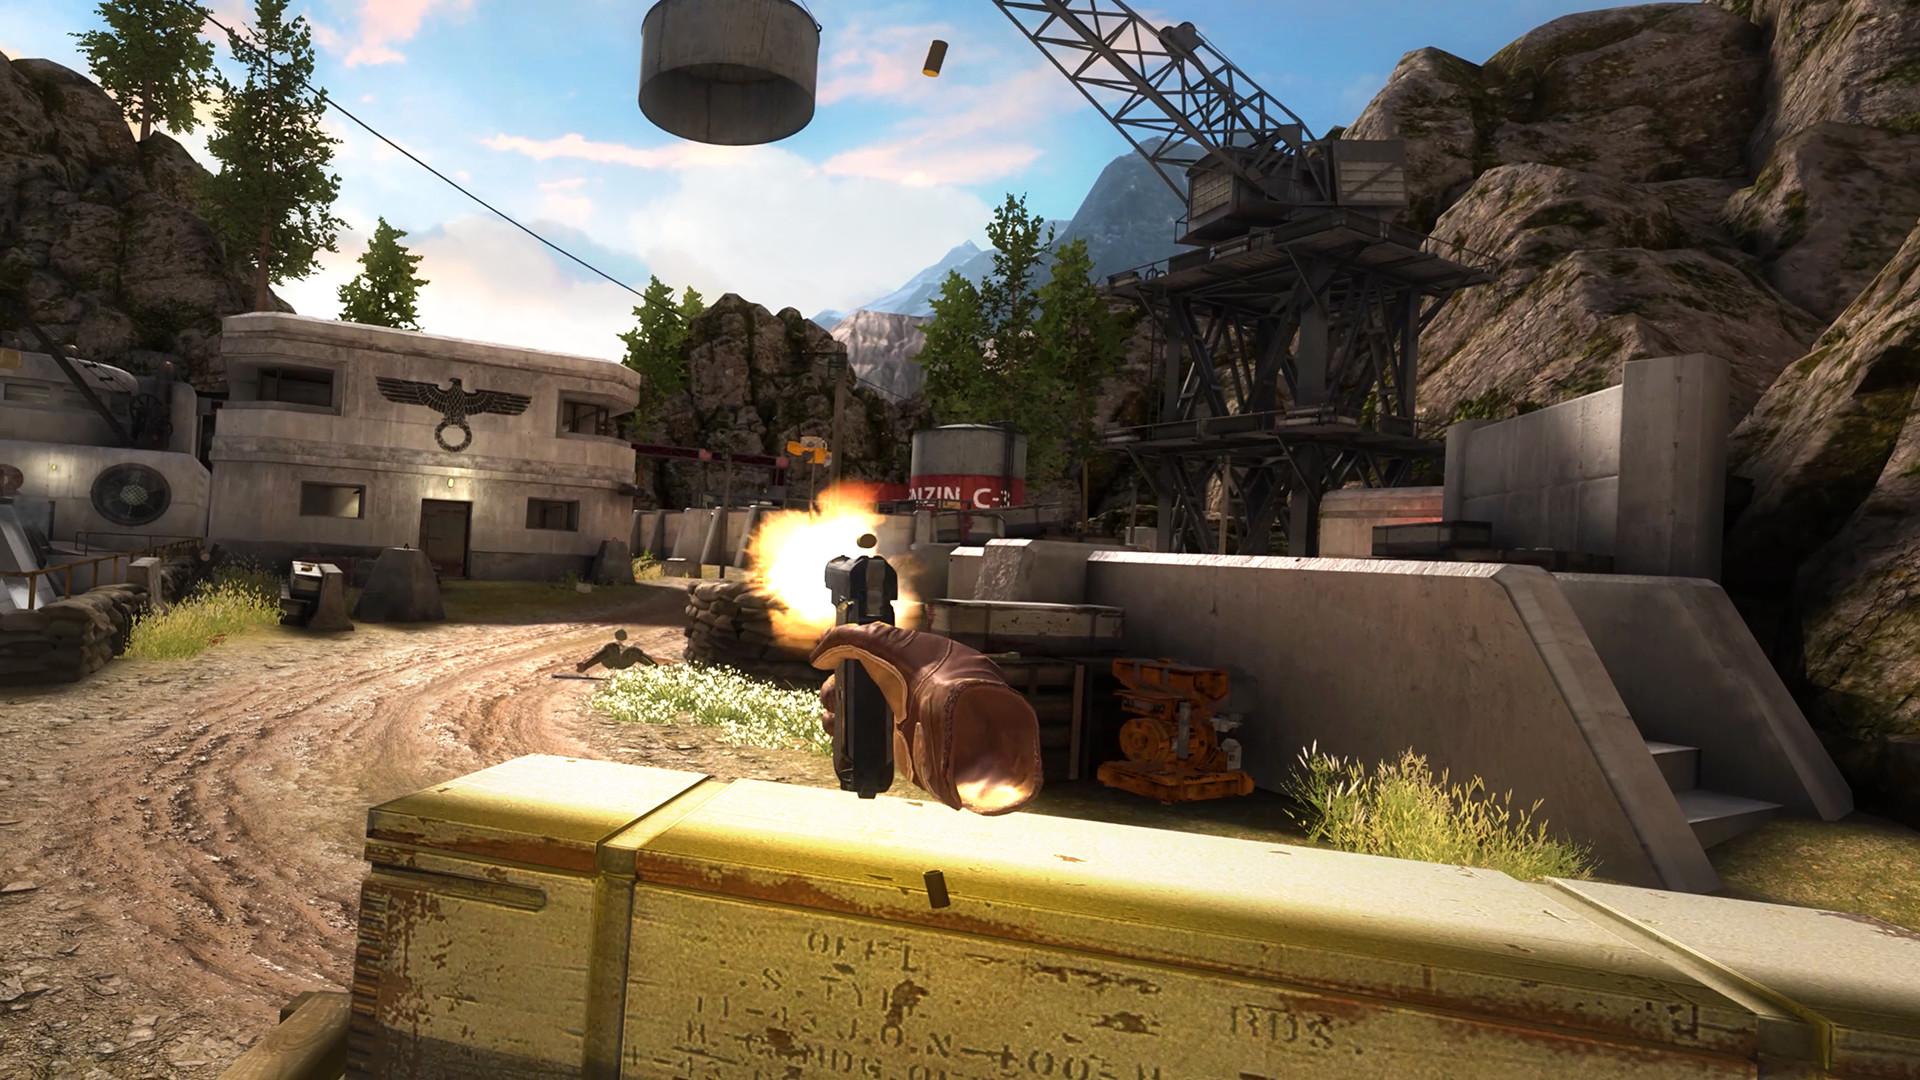 Recenze Sniper Elite VR – poněkud rozporuplný odklon série 3 8